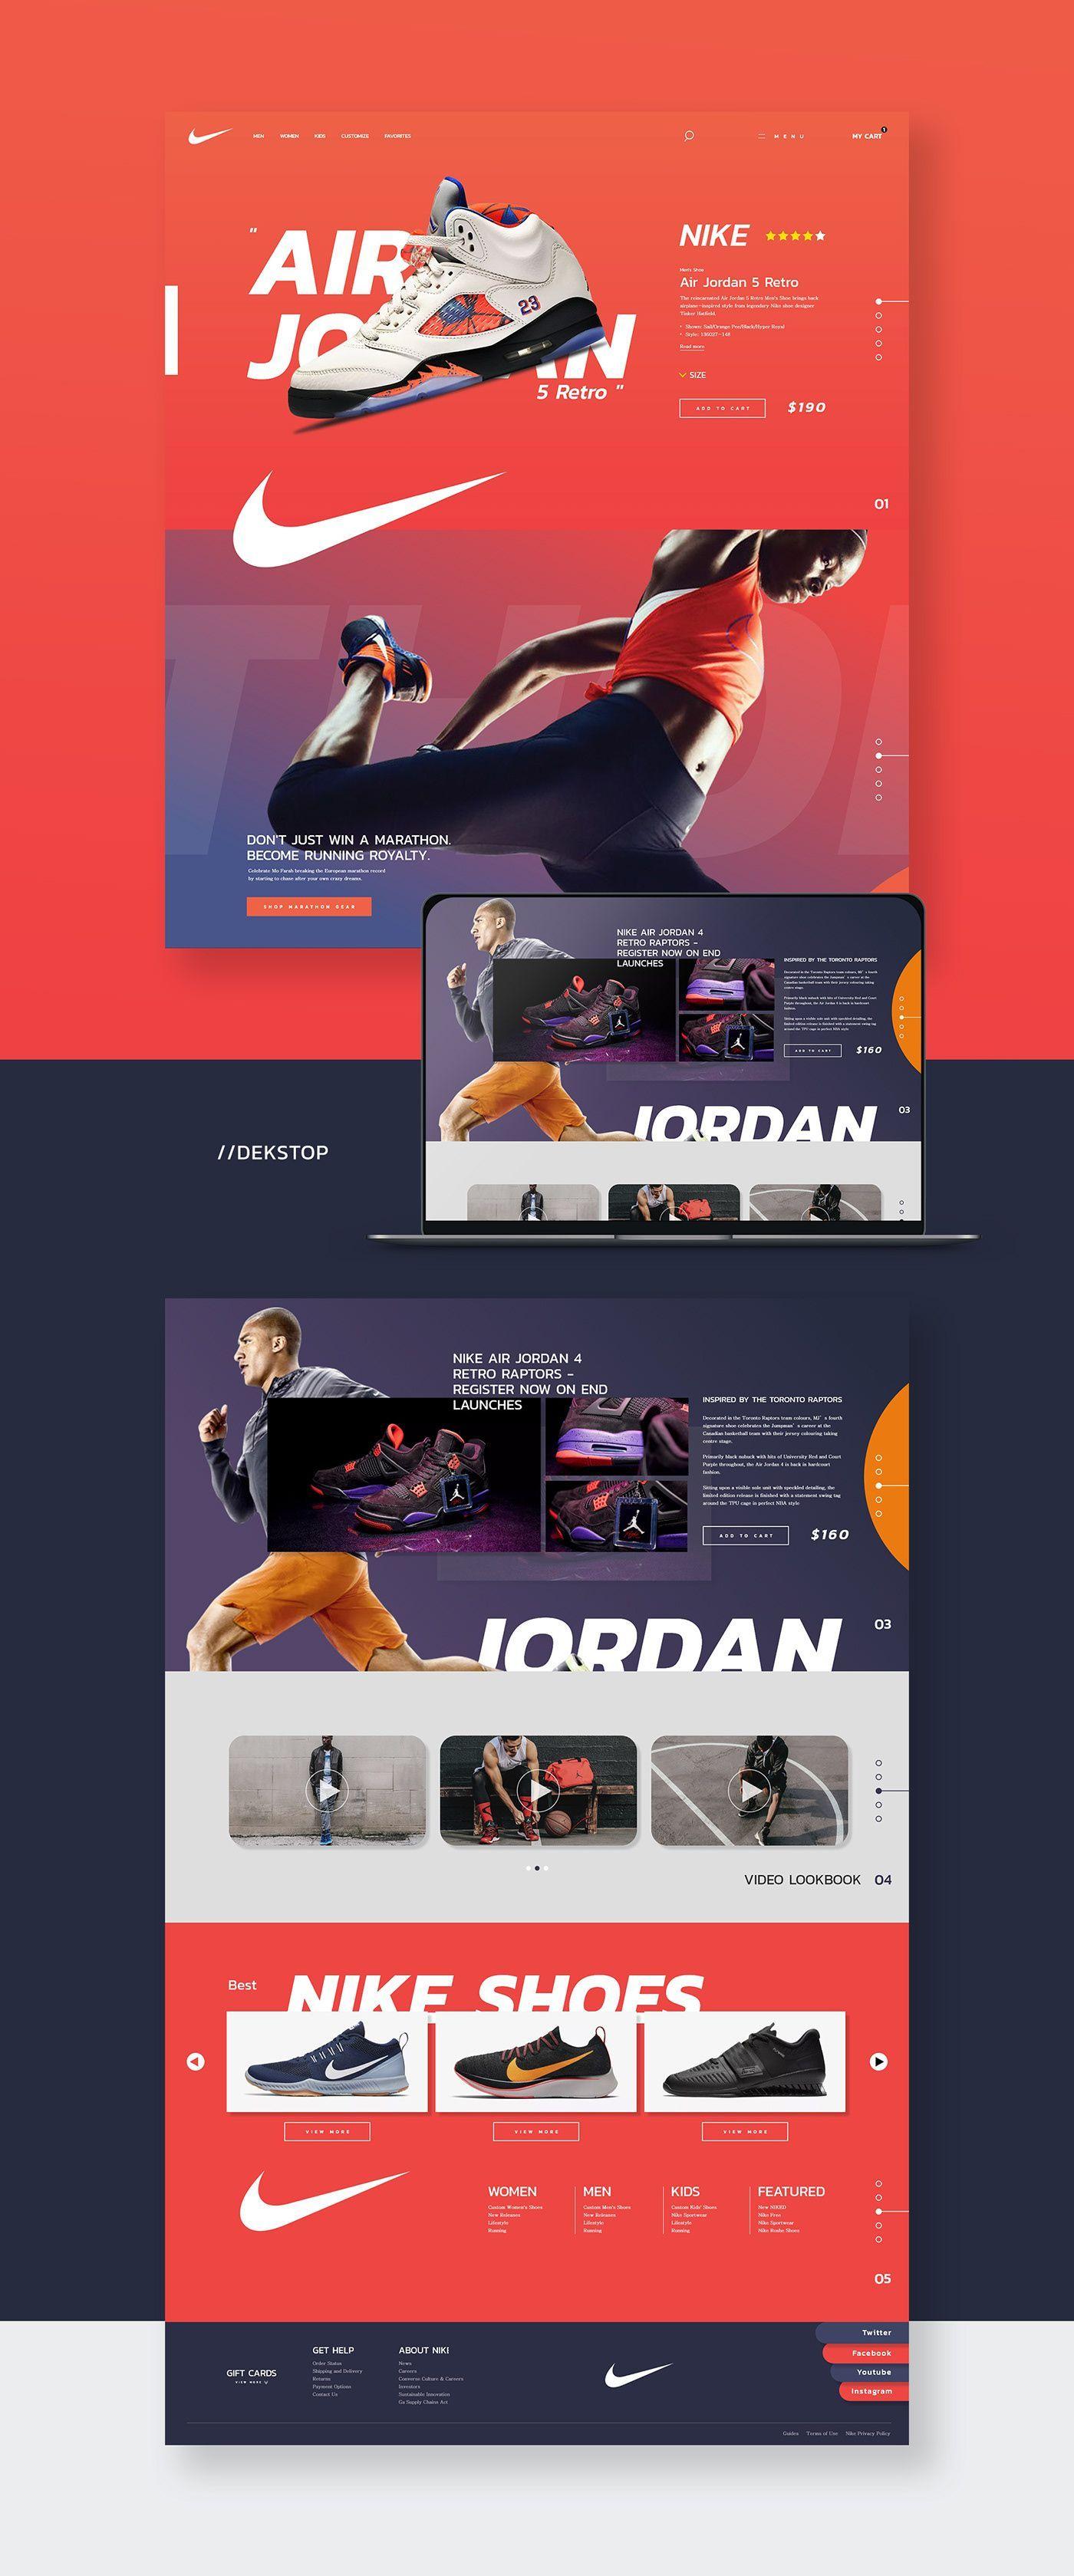 Nike Air Jordan Web Design In 2020 Web Design Tips Web Design Homepage Design